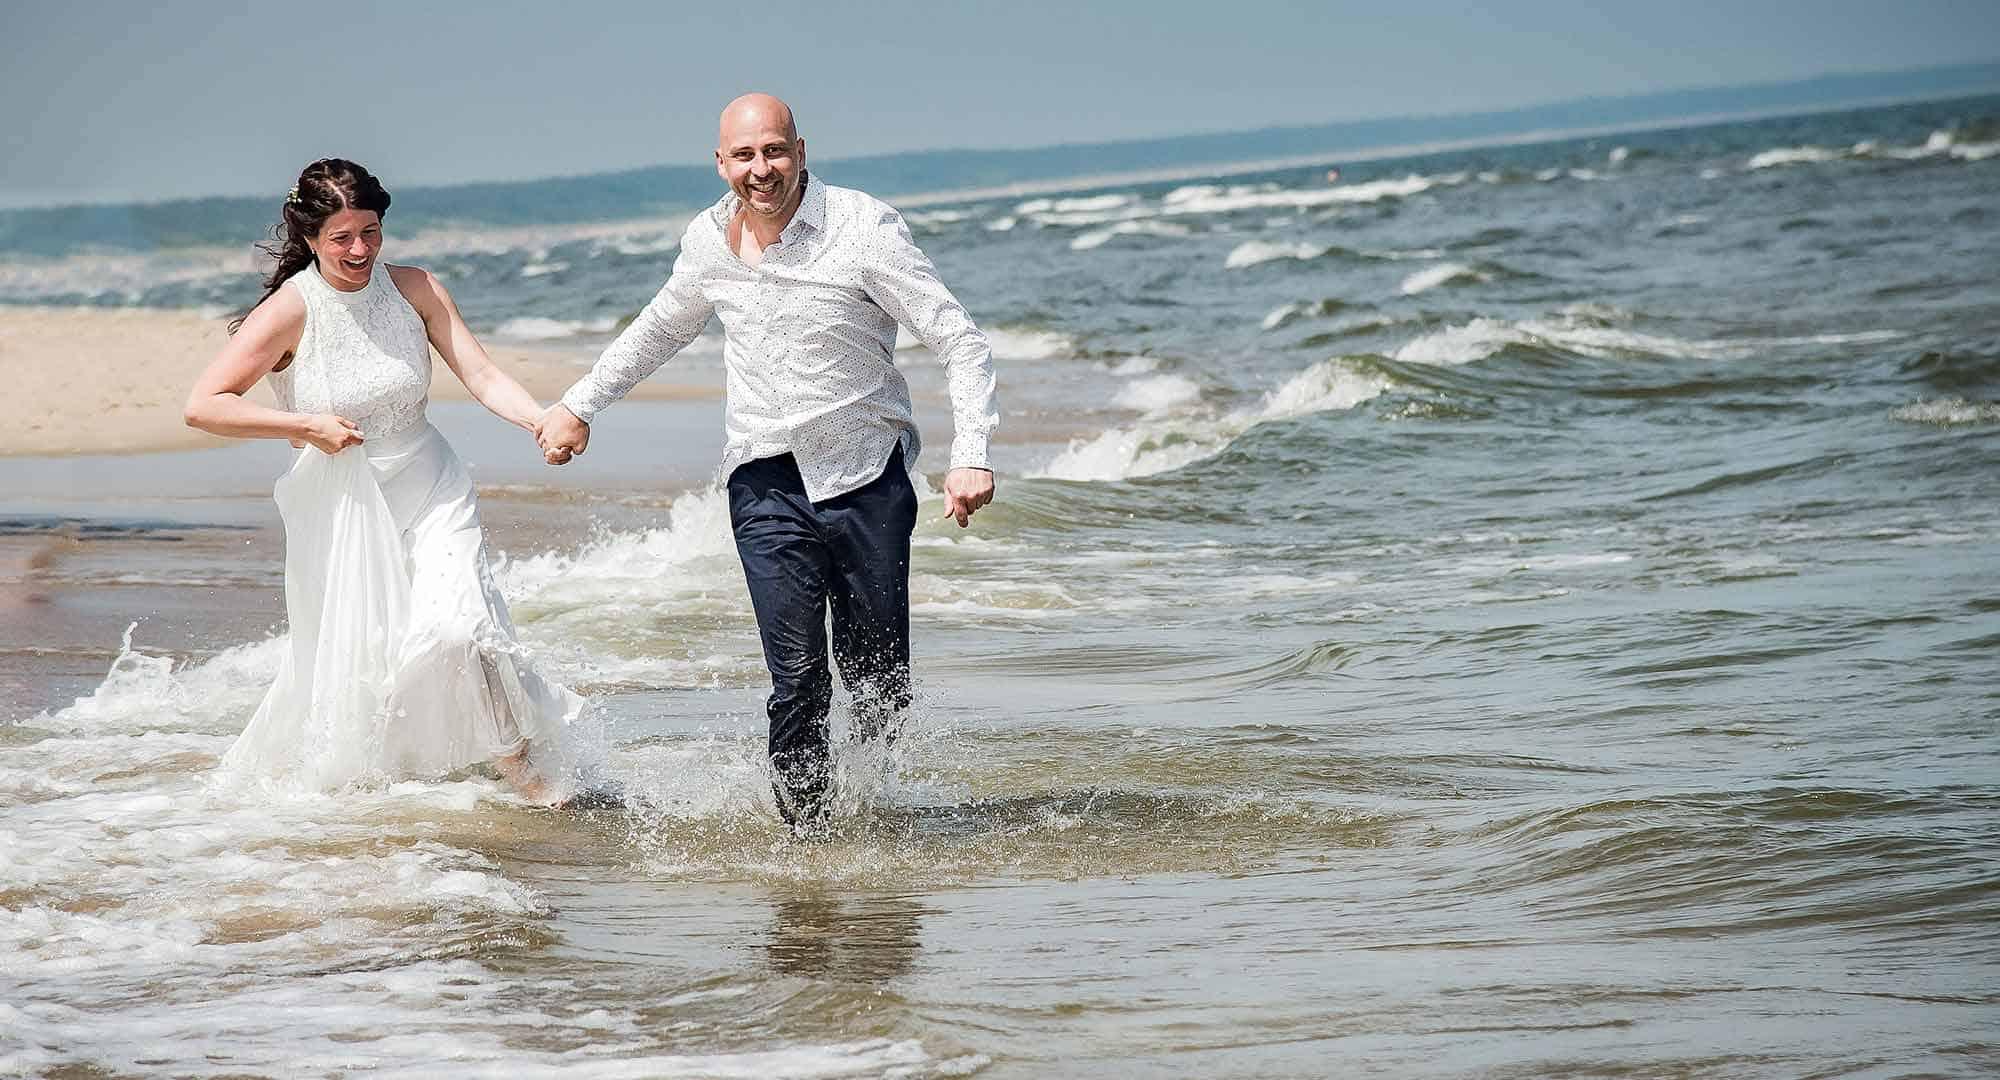 Brautpaar läuft im Wasser